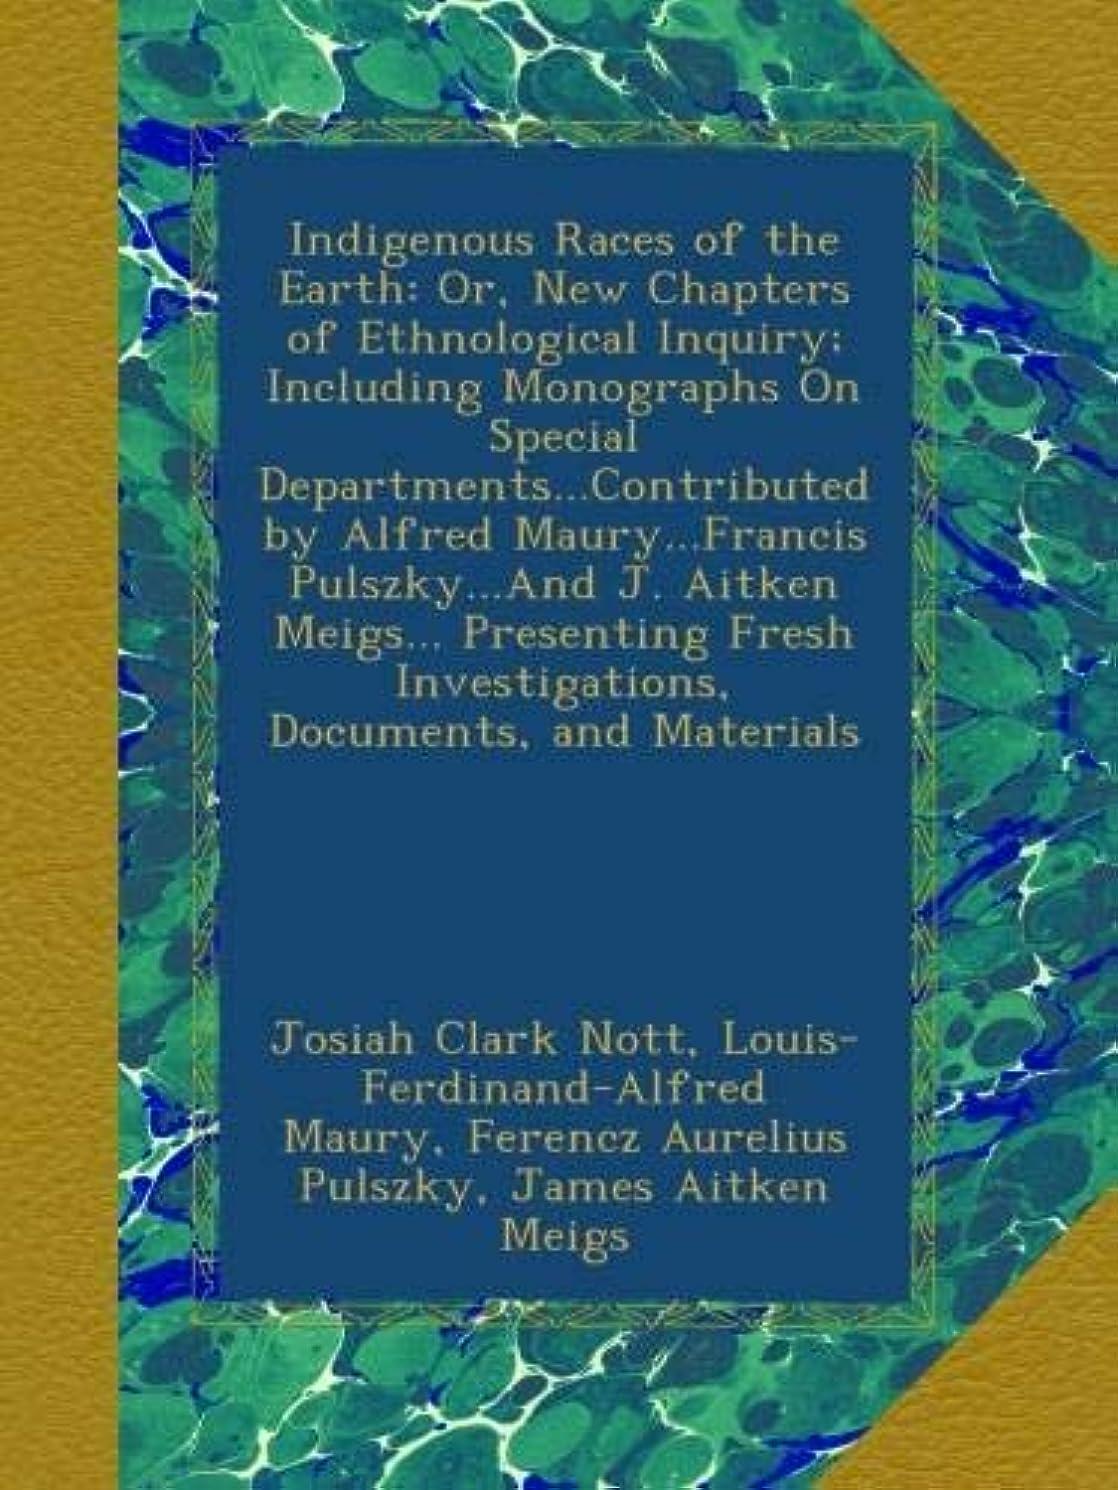 道を作る速度続けるIndigenous Races of the Earth: Or, New Chapters of Ethnological Inquiry; Including Monographs On Special Departments...Contributed by Alfred Maury...Francis Pulszky...And J. Aitken Meigs... Presenting Fresh Investigations, Documents, and Materials